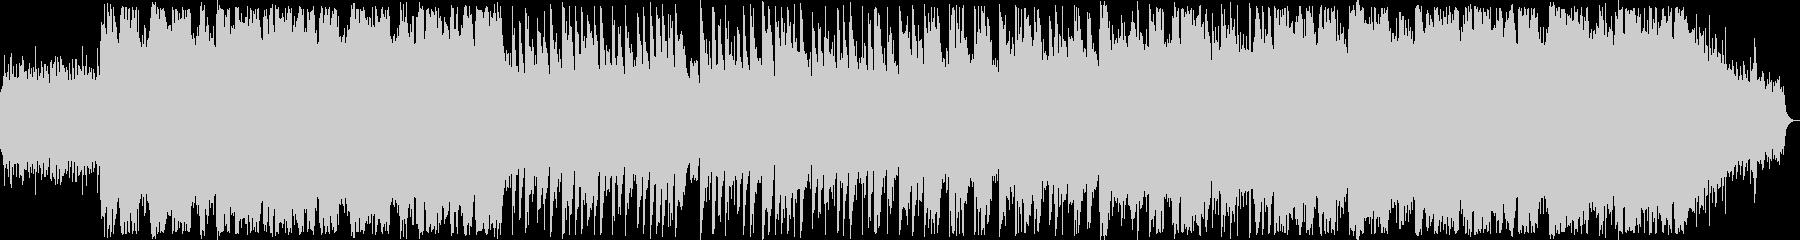 切ないシンセサイザー系サウンドの未再生の波形